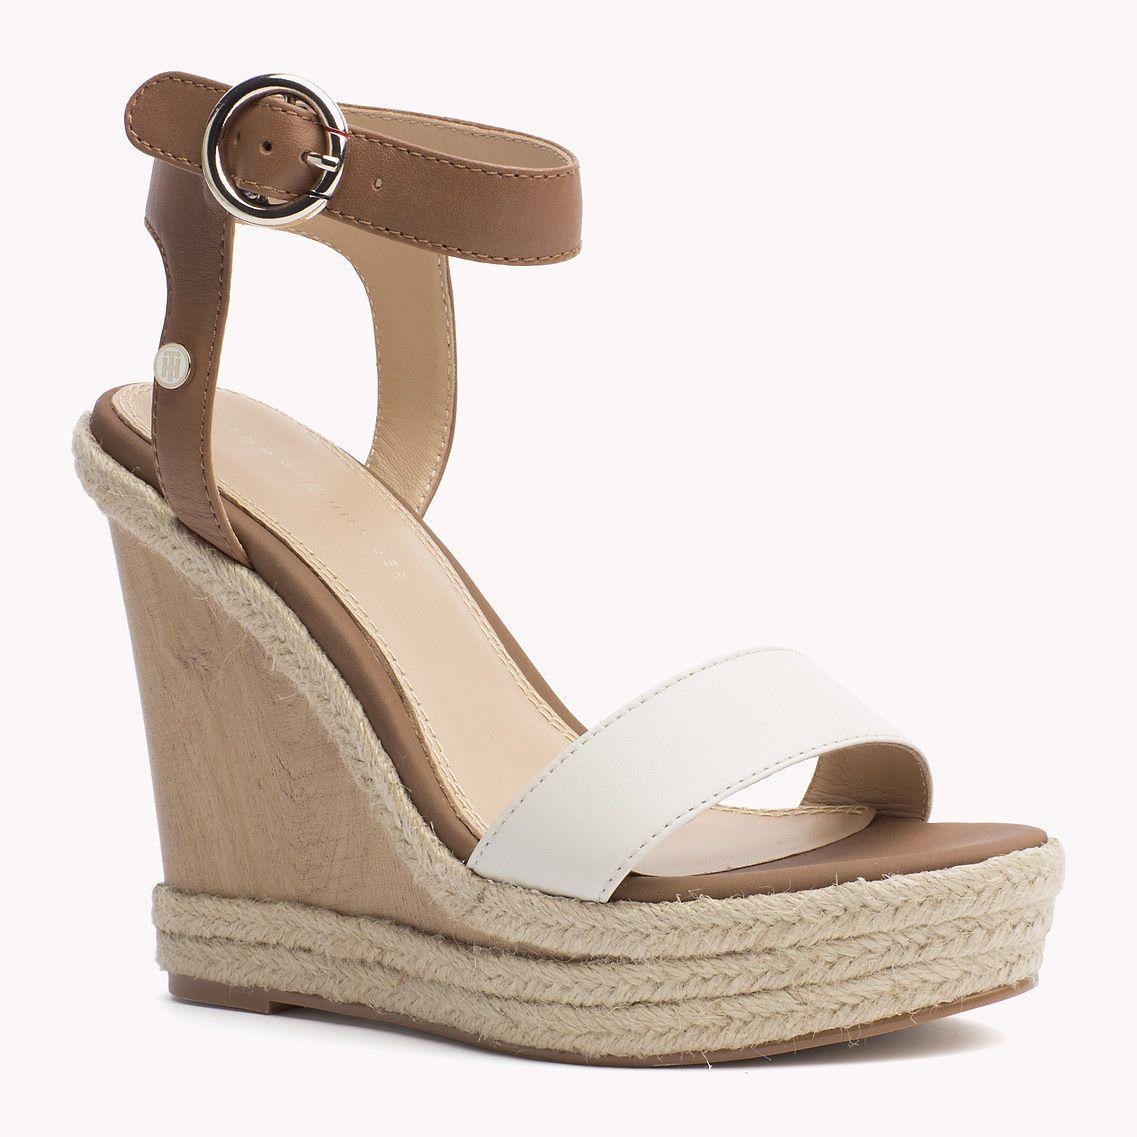 Achetez votre chaussures compensées en cuir acheter la nouvelle collection de espadrilles pour femme. Retours